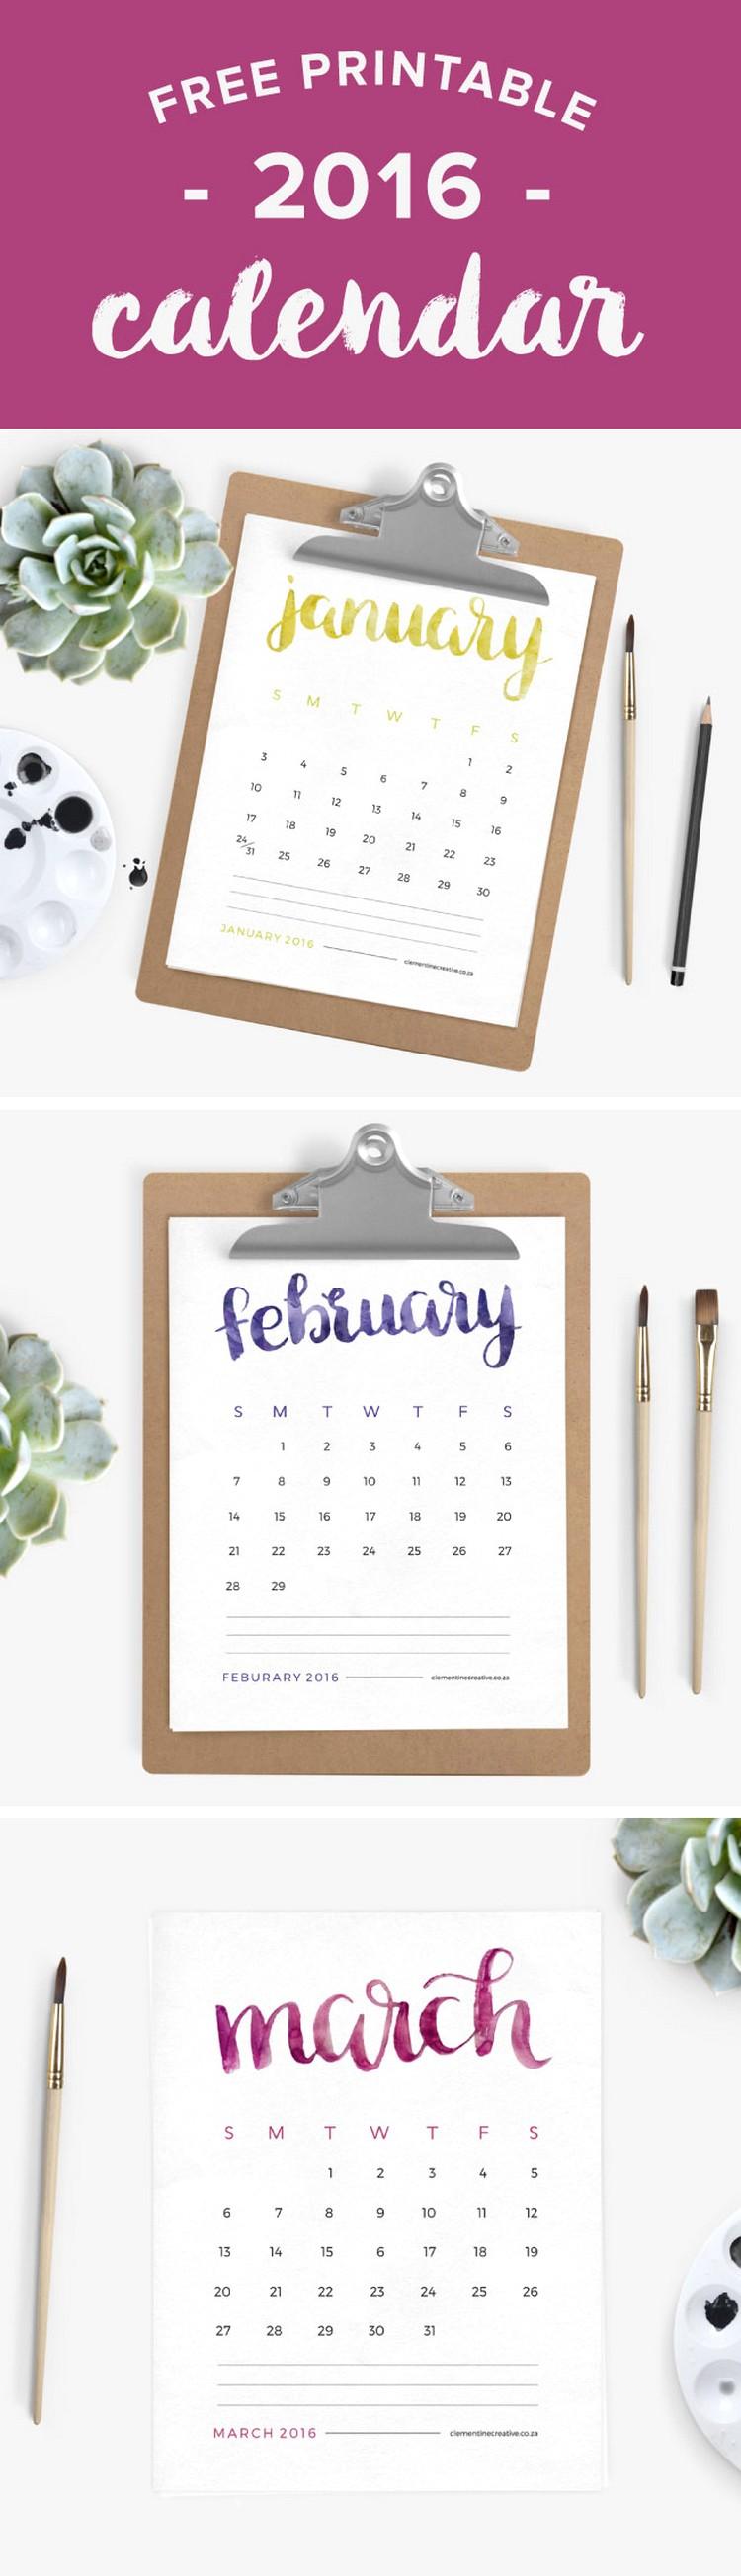 free-printable-2016-calendar-brush-lettering (1)